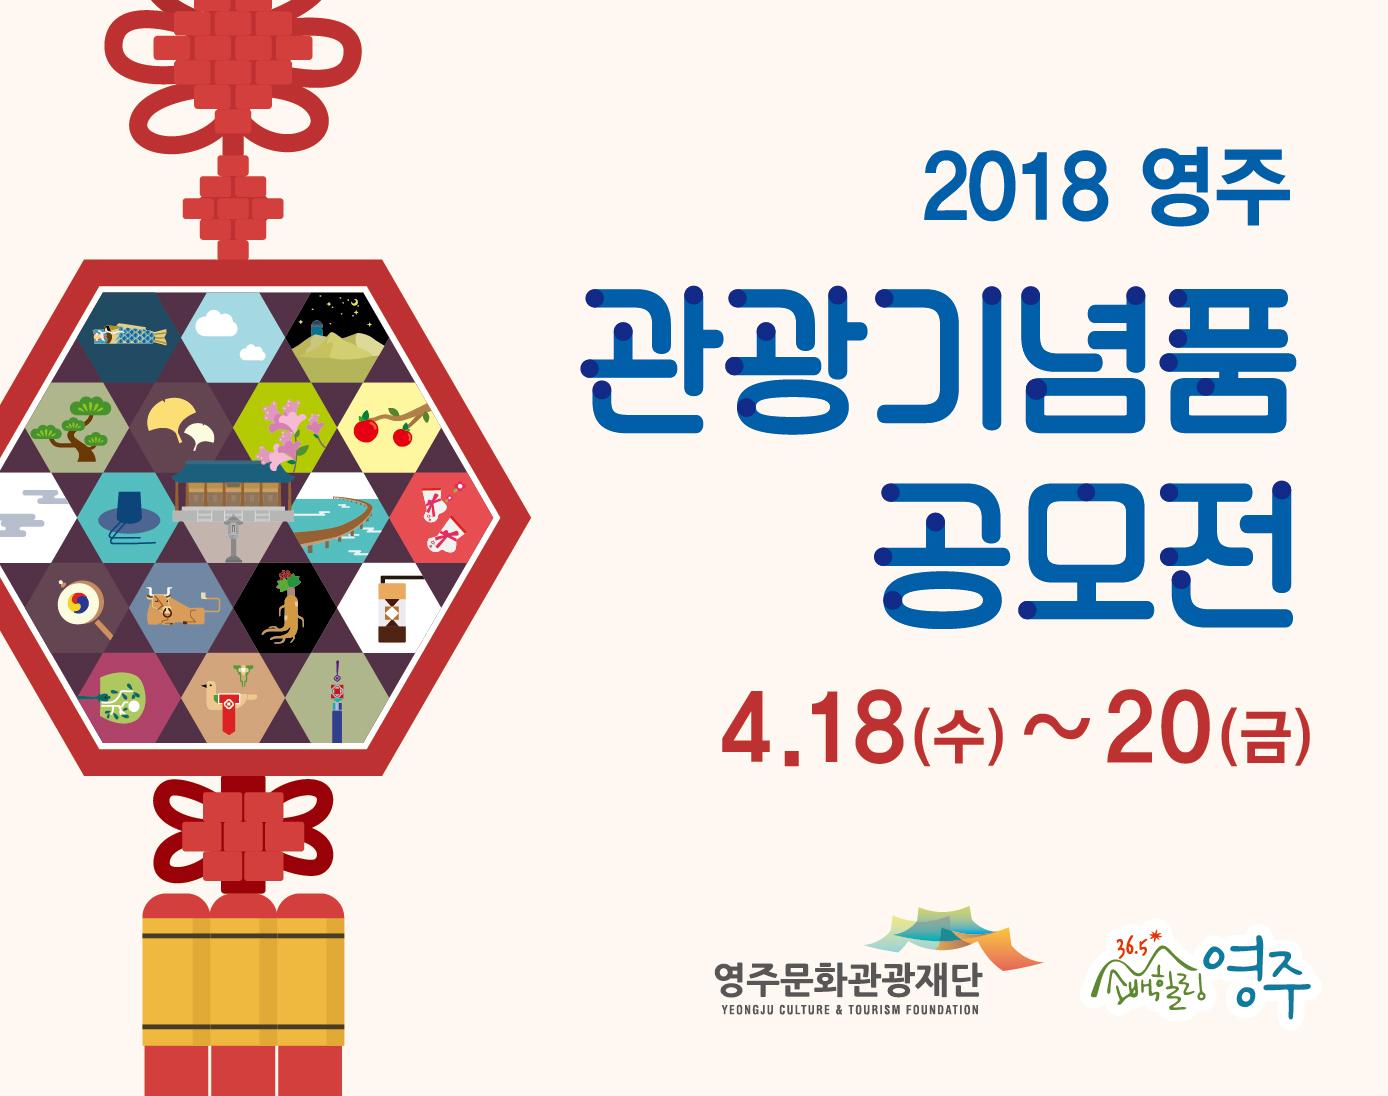 2018영주 관광기념품 공모전